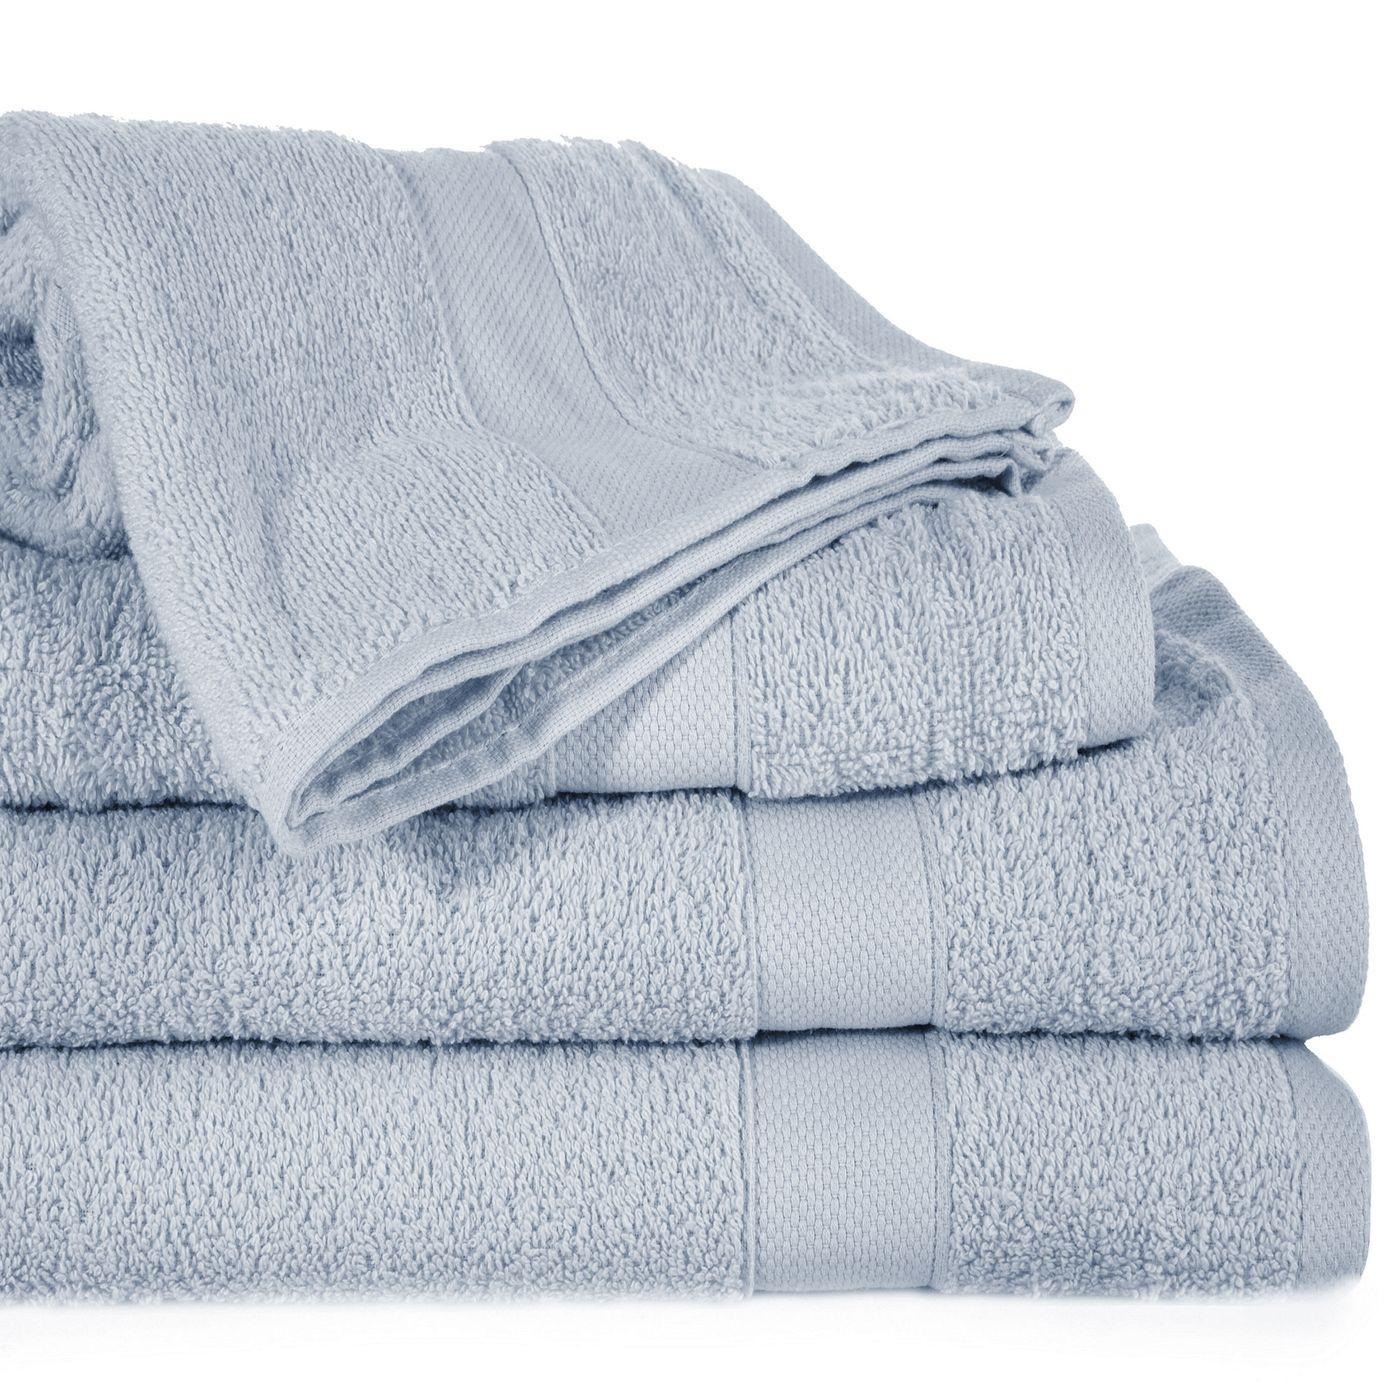 Miękki chłonny ręcznik kąpielowy srebrny 70x140